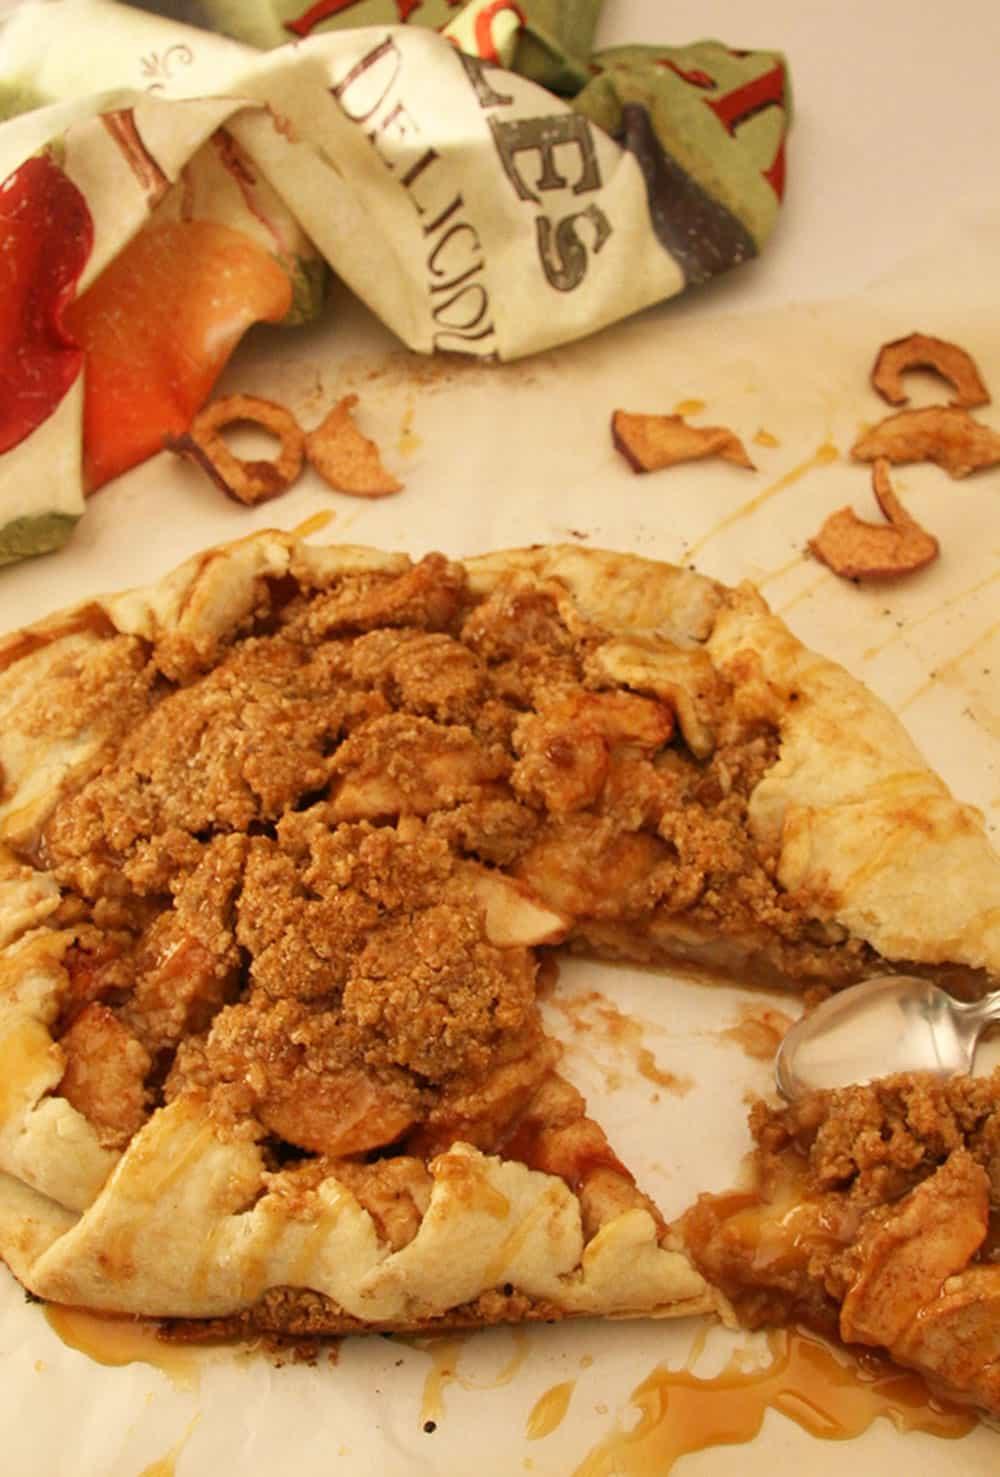 Harvest Apple Galette | Just Like Apple Pie!